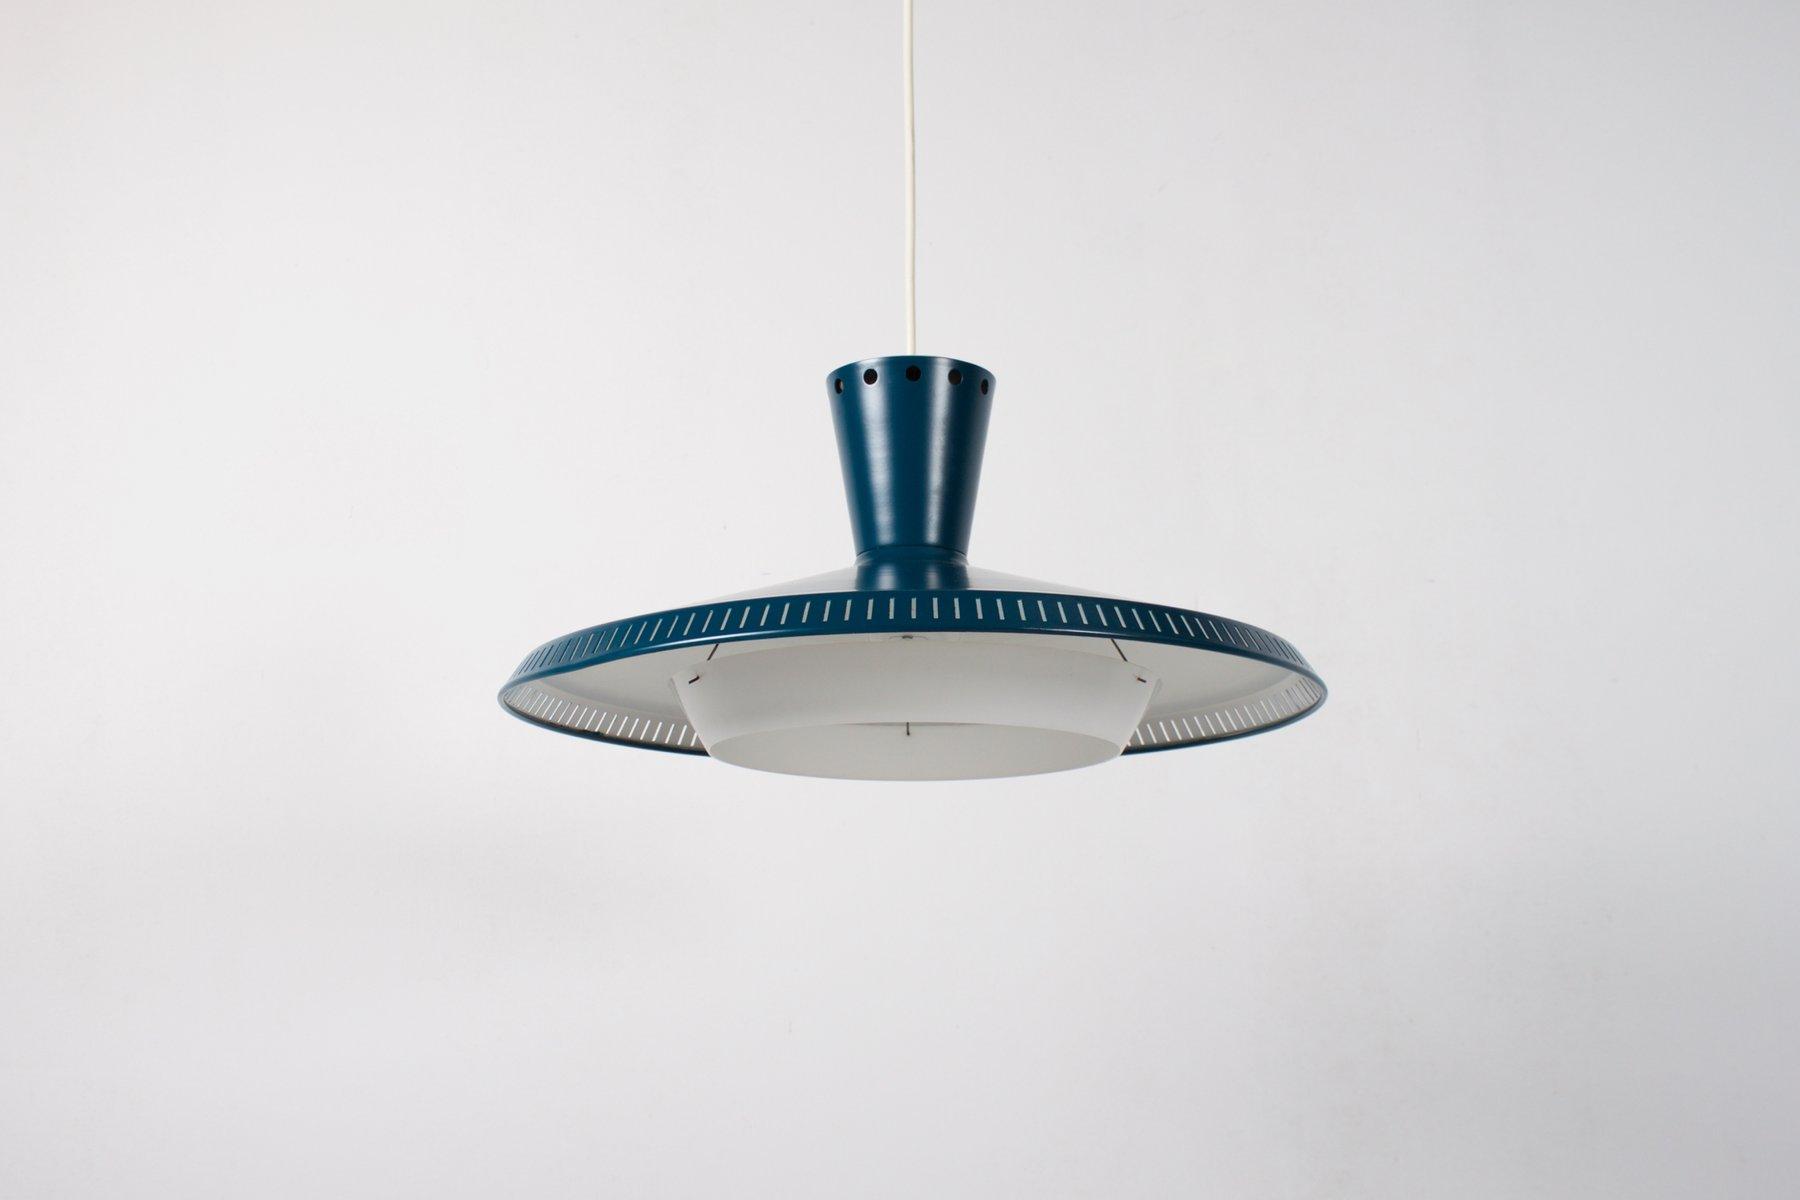 Plafoniere Industriali Led Philips : Plafoniere industriali led philips: lampade da soffitto tipo di